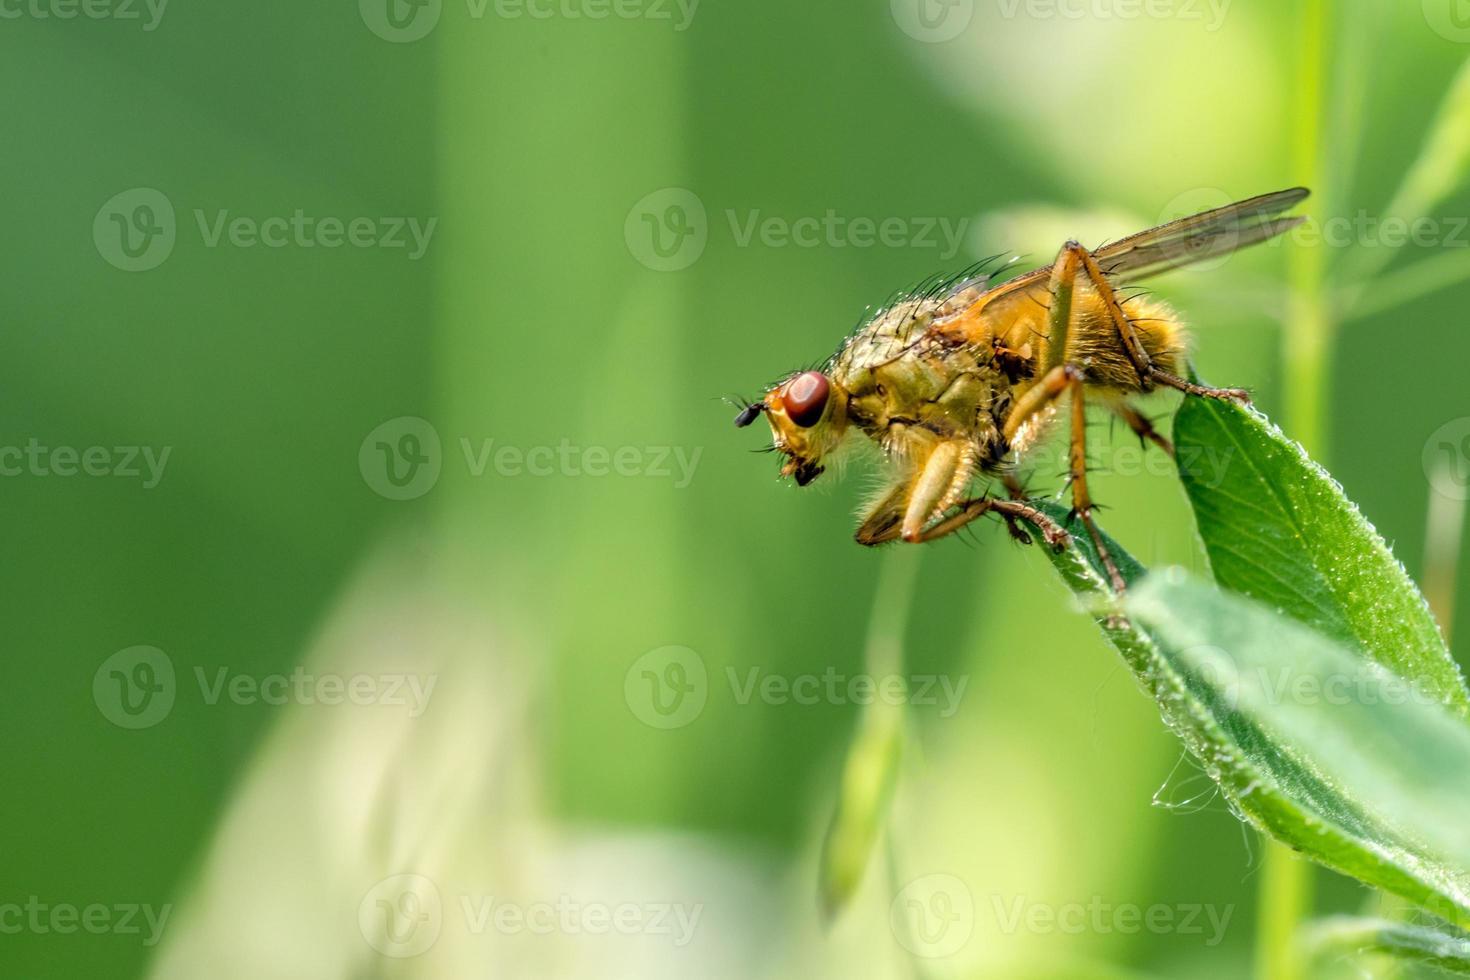 La mosca del estiércol amarillo se asienta sobre una brizna de hierba delante de un fondo verde borroso con espacio de copia foto